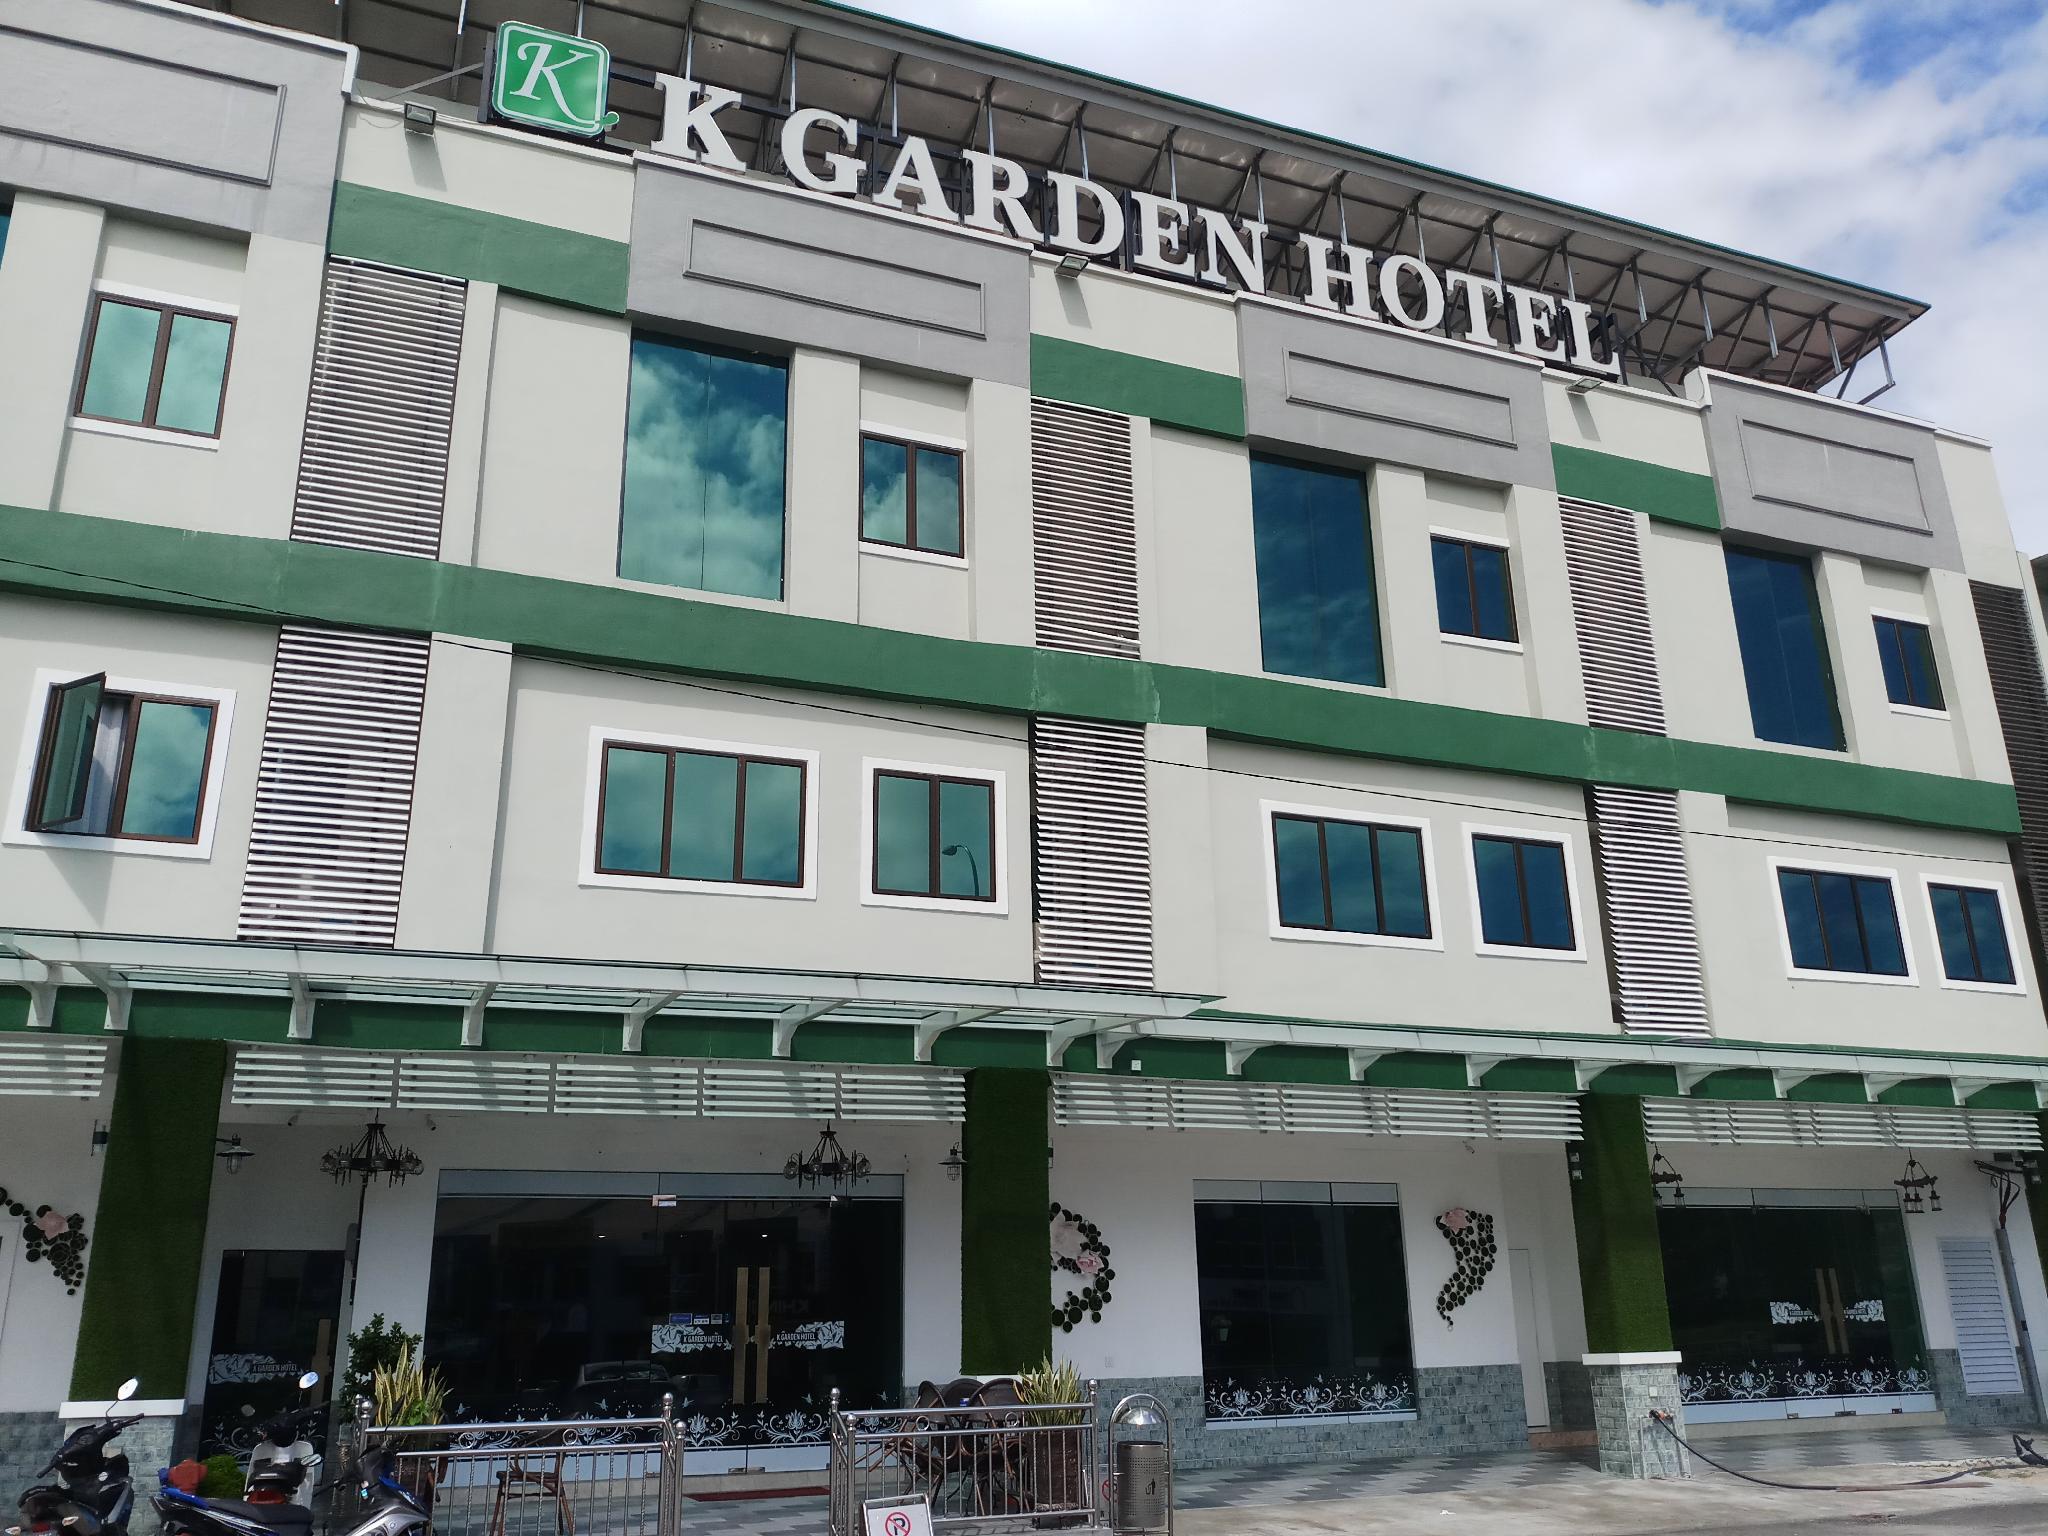 K GARDEN HOTEL IPOH, Kinta